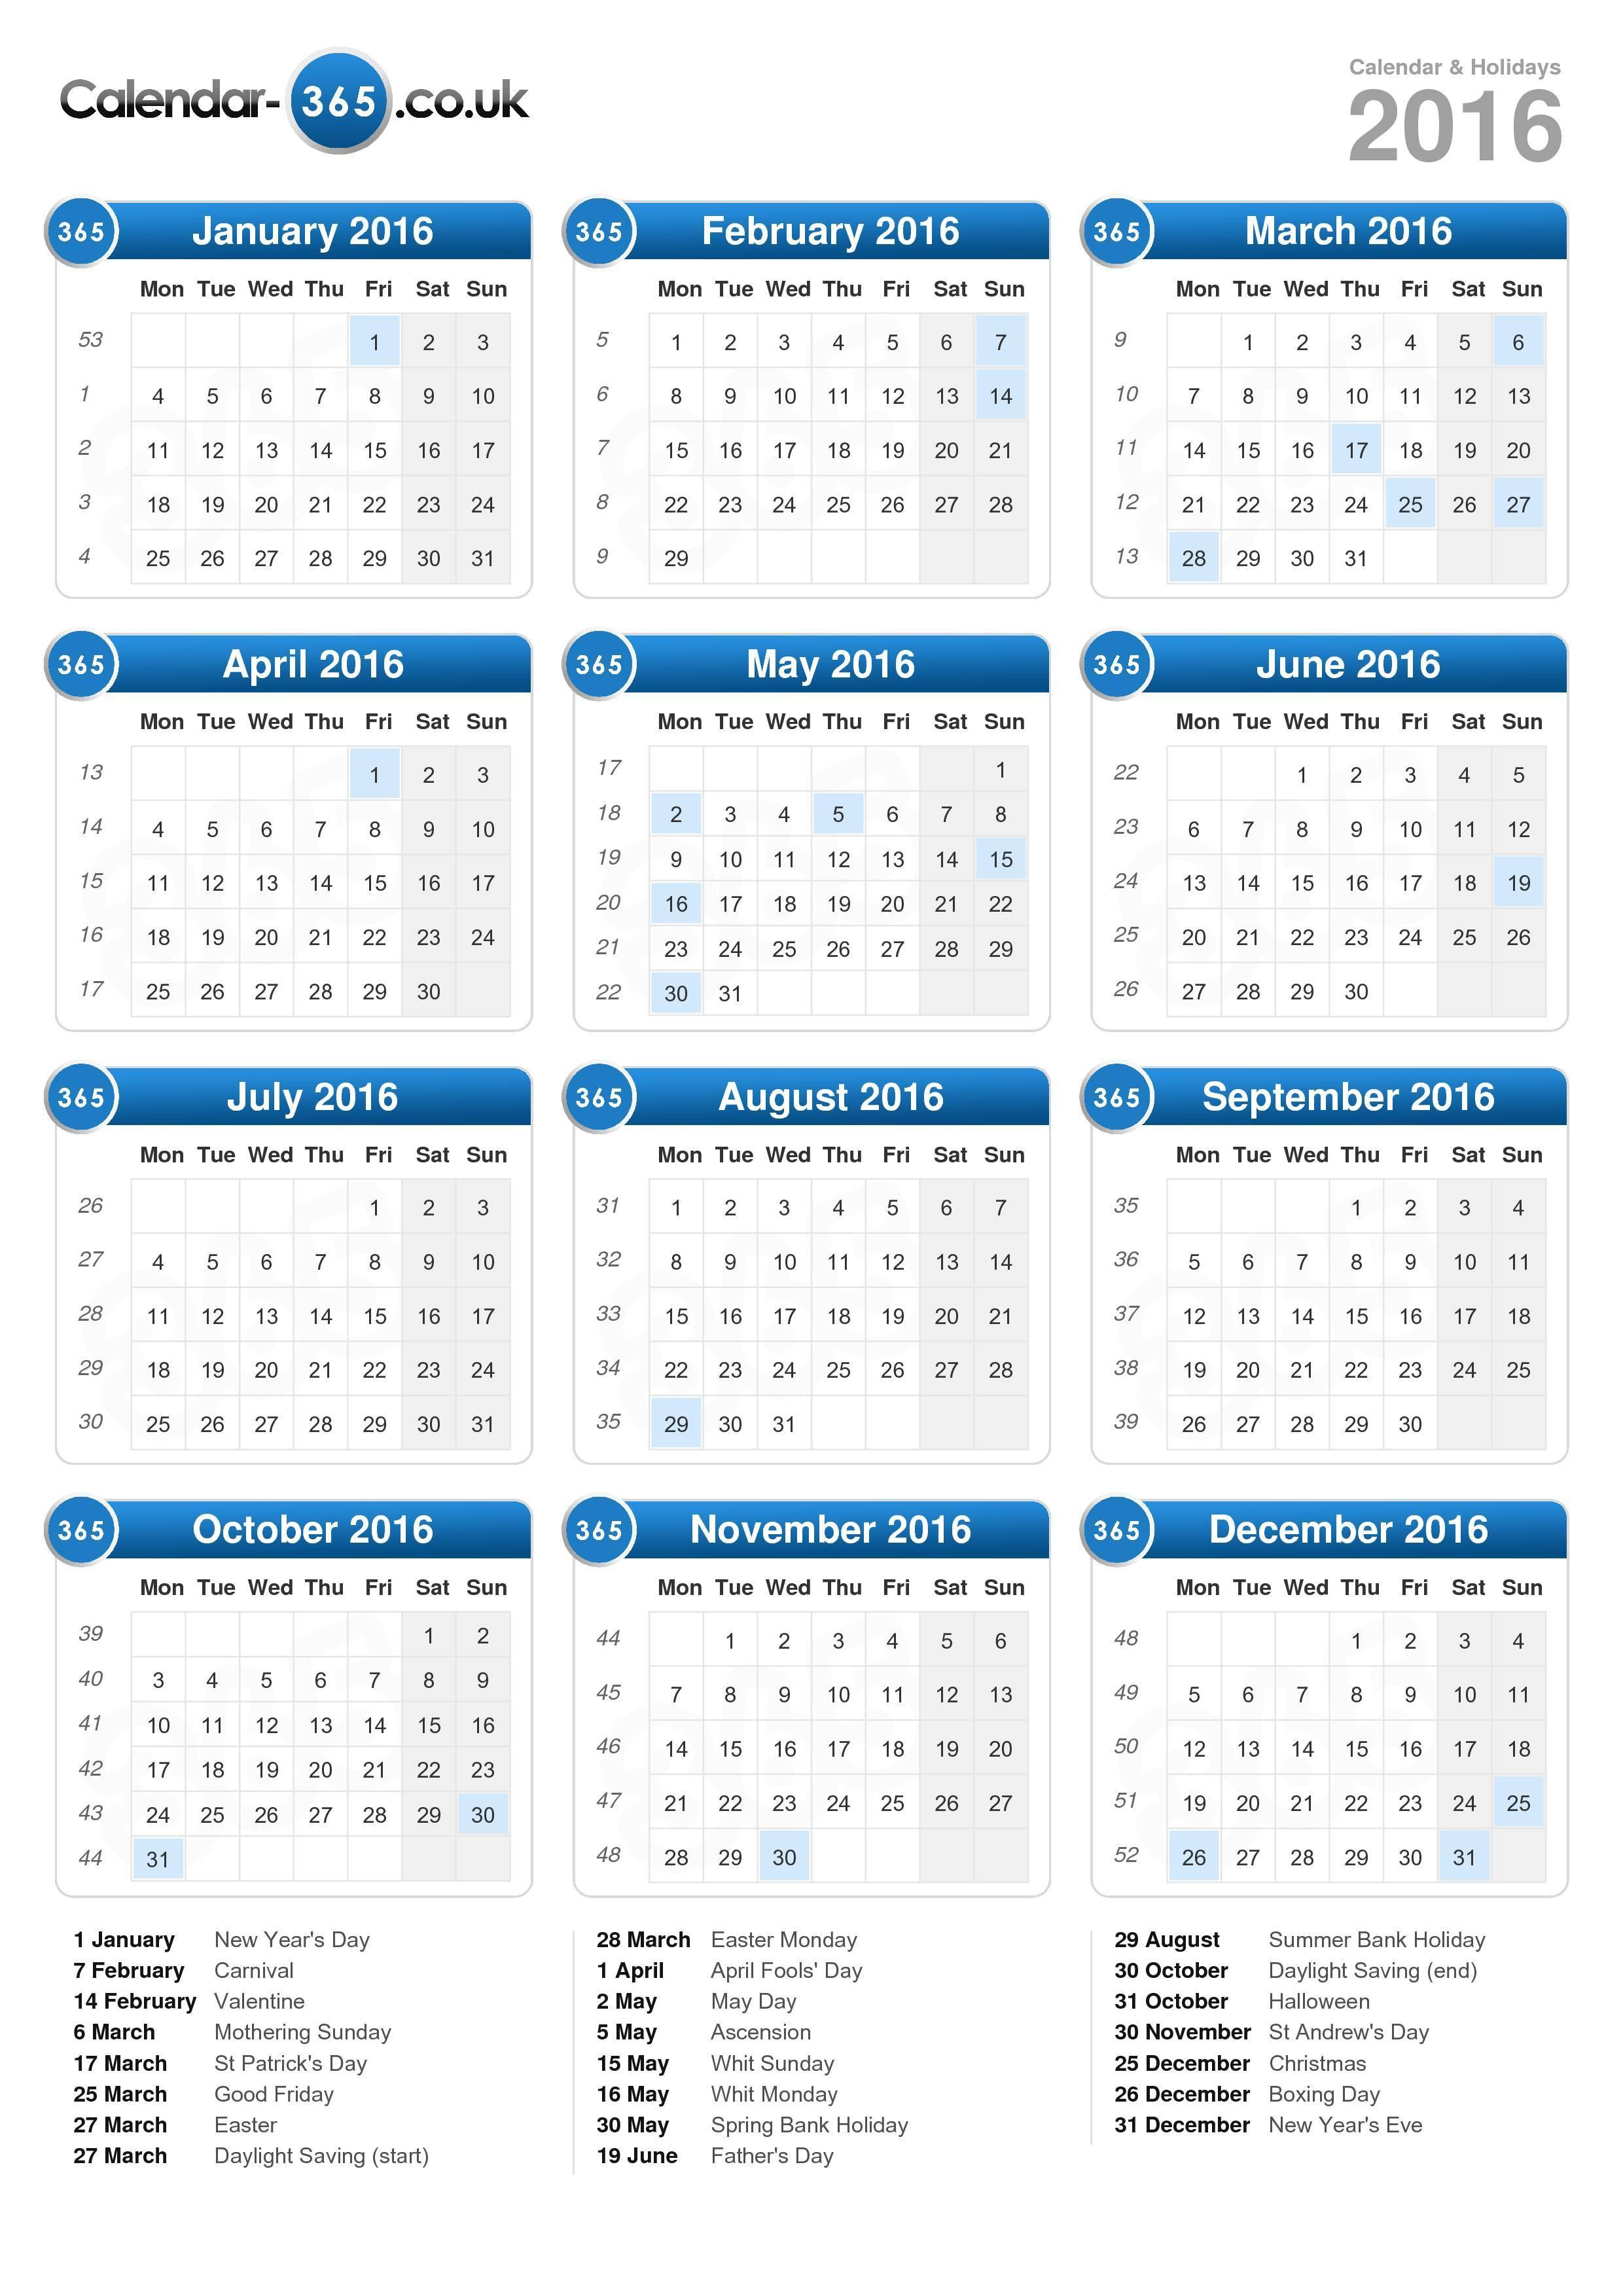 Calendar 2016 (portrait format)